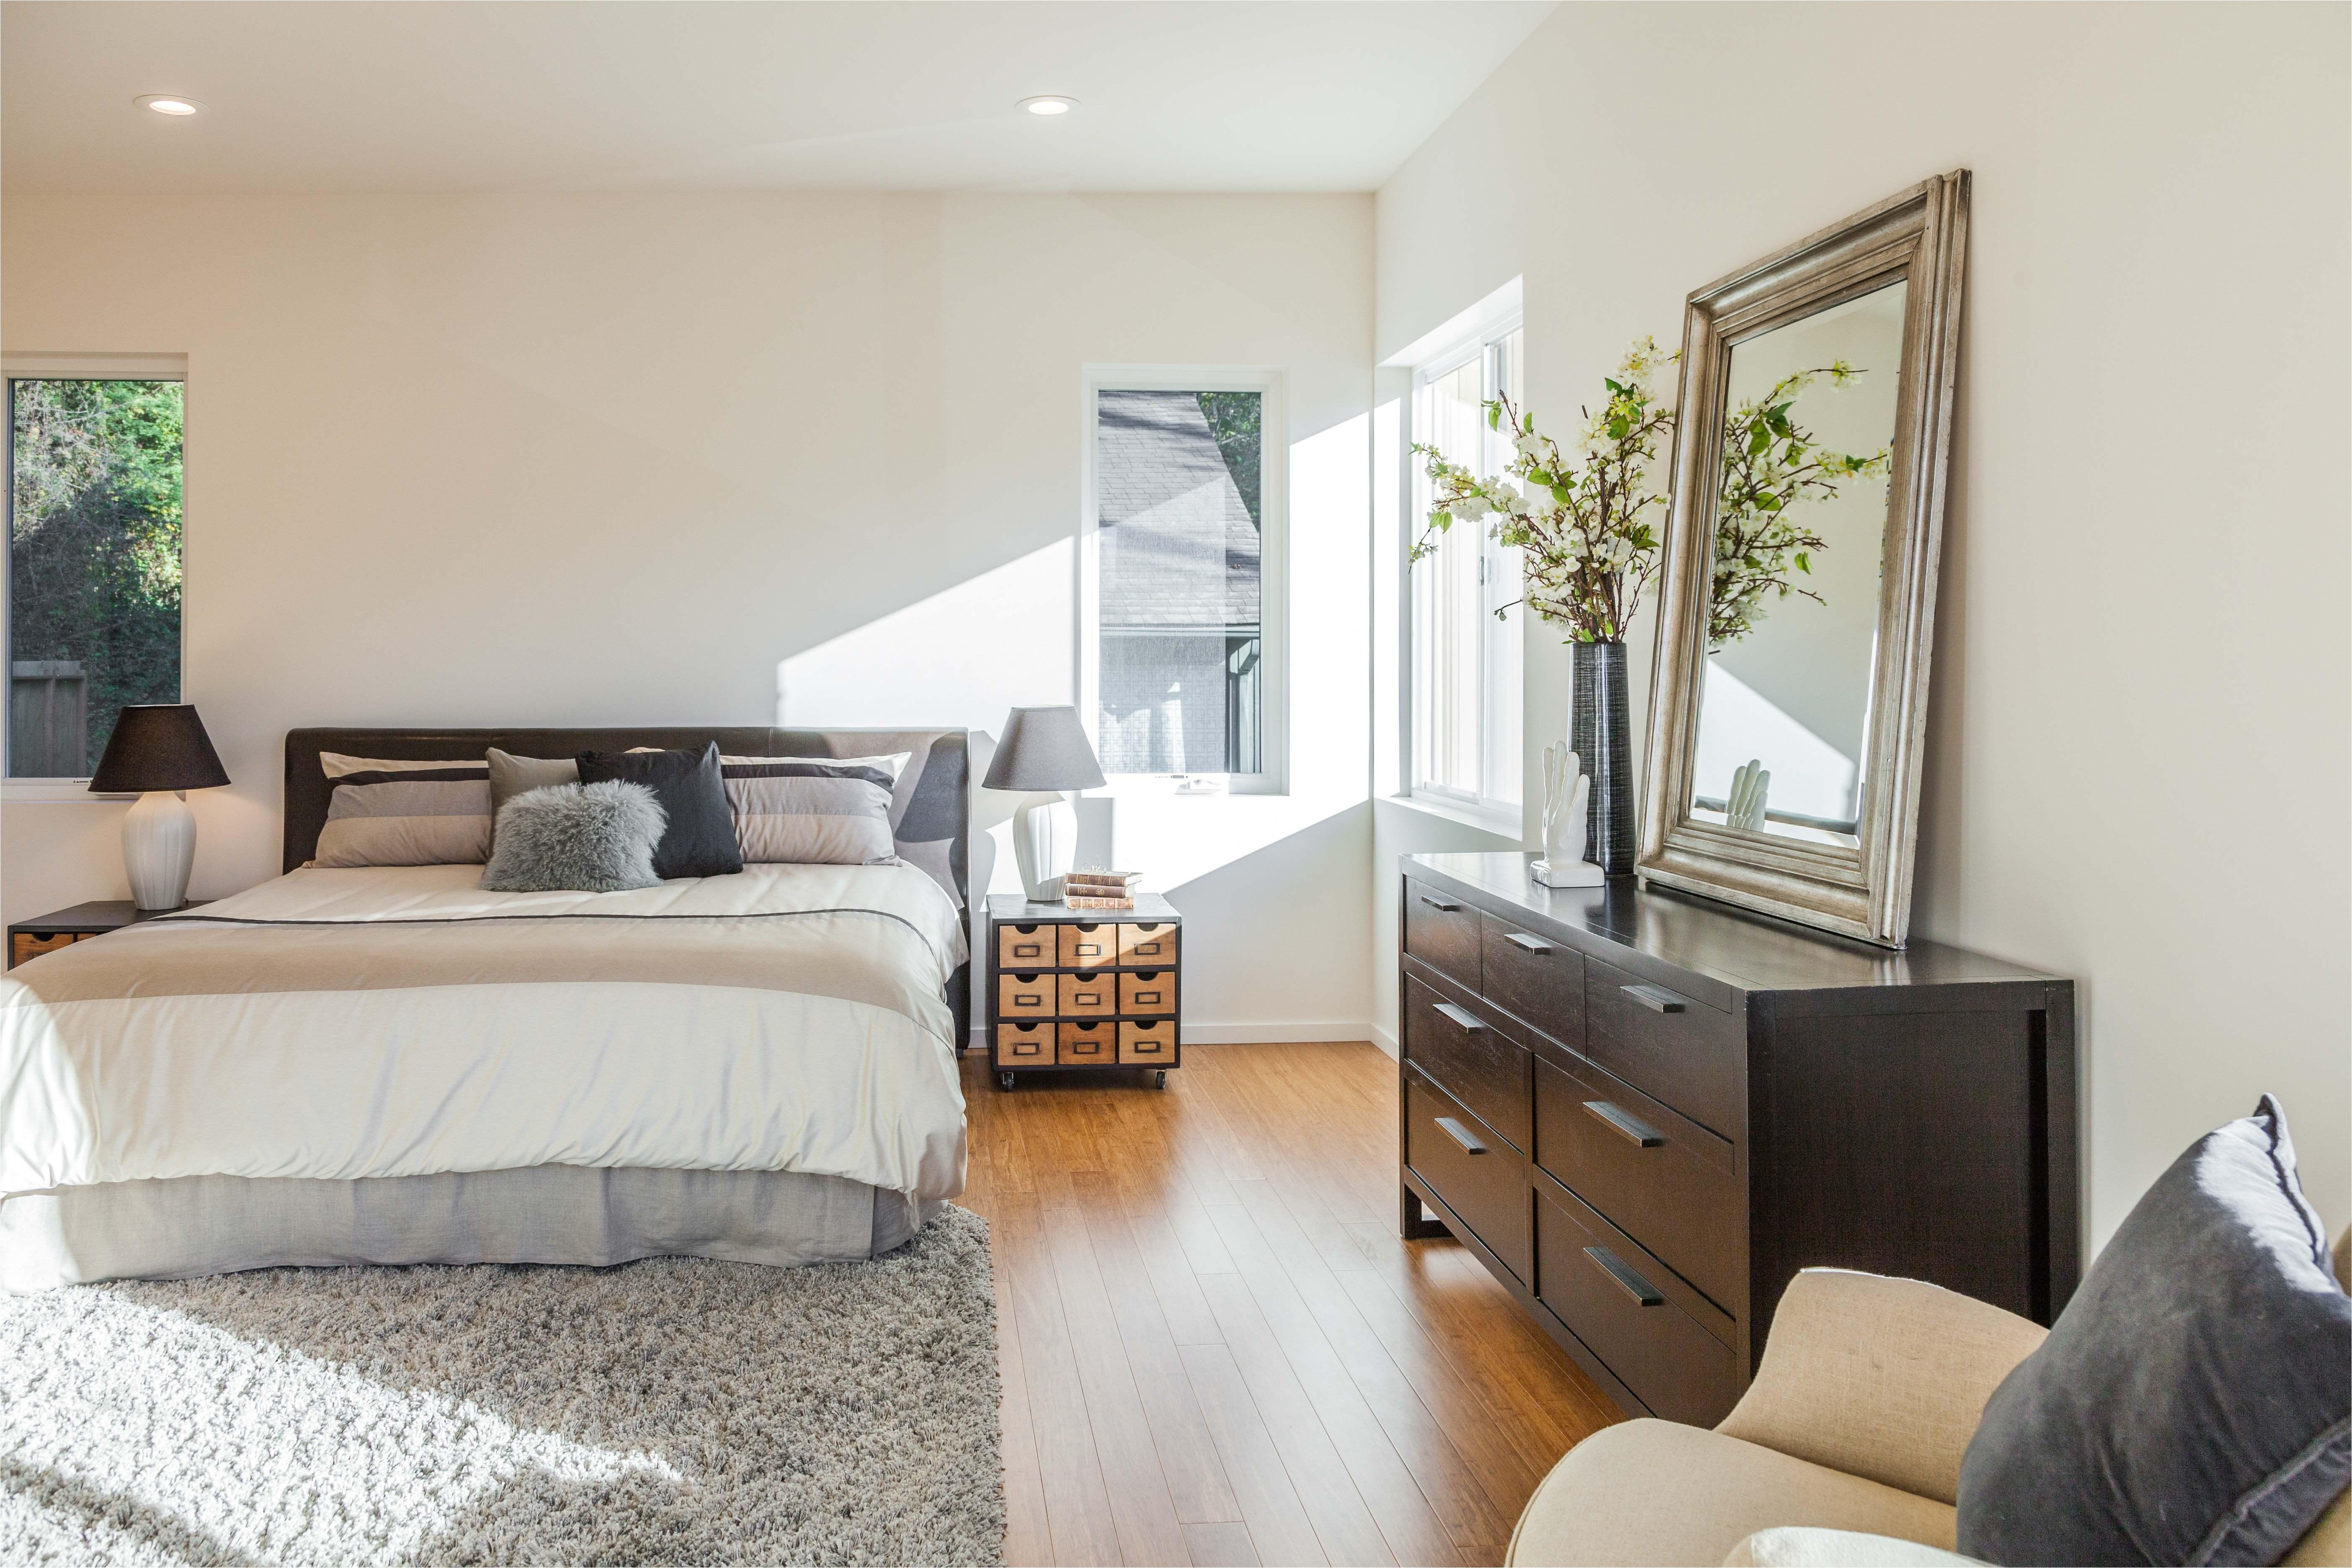 28 one bedroom apartments tucson harmonious 1 bedroom apartments in baltimore bedroom design inspiration 2018